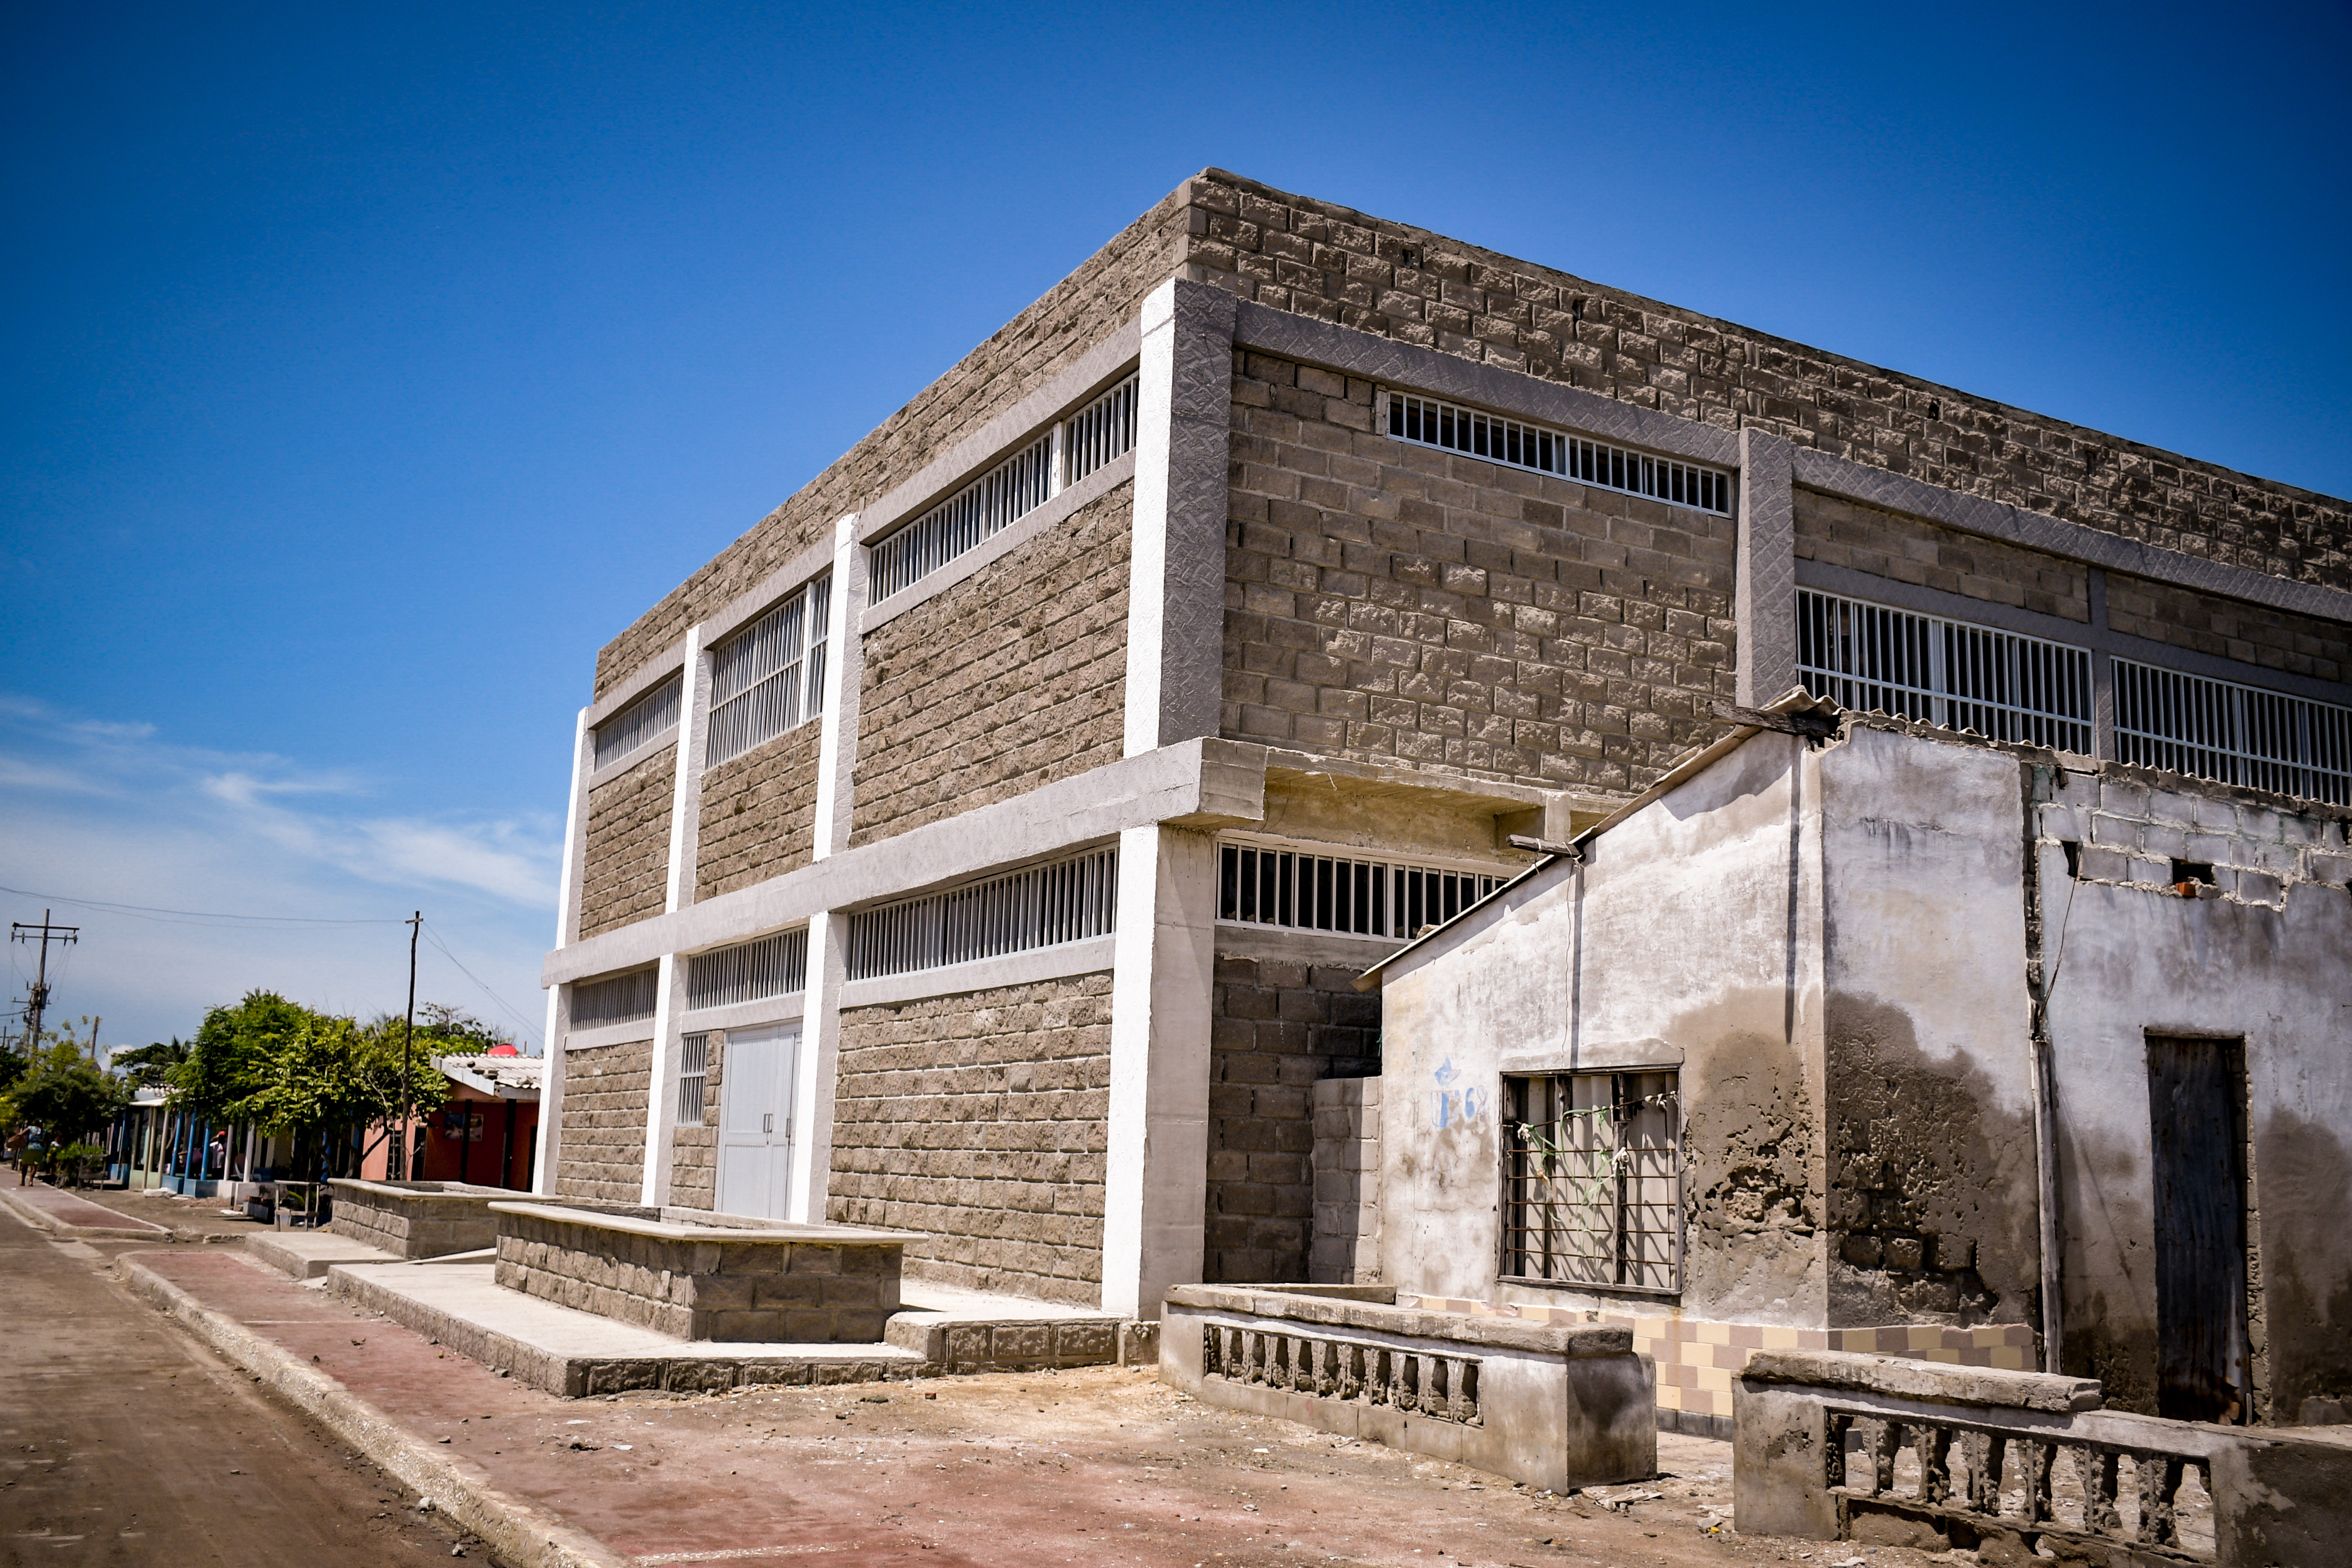 El único colegio de Tasajera está casi listo. Los niños están recibiendo clases en viviendas aledañas.